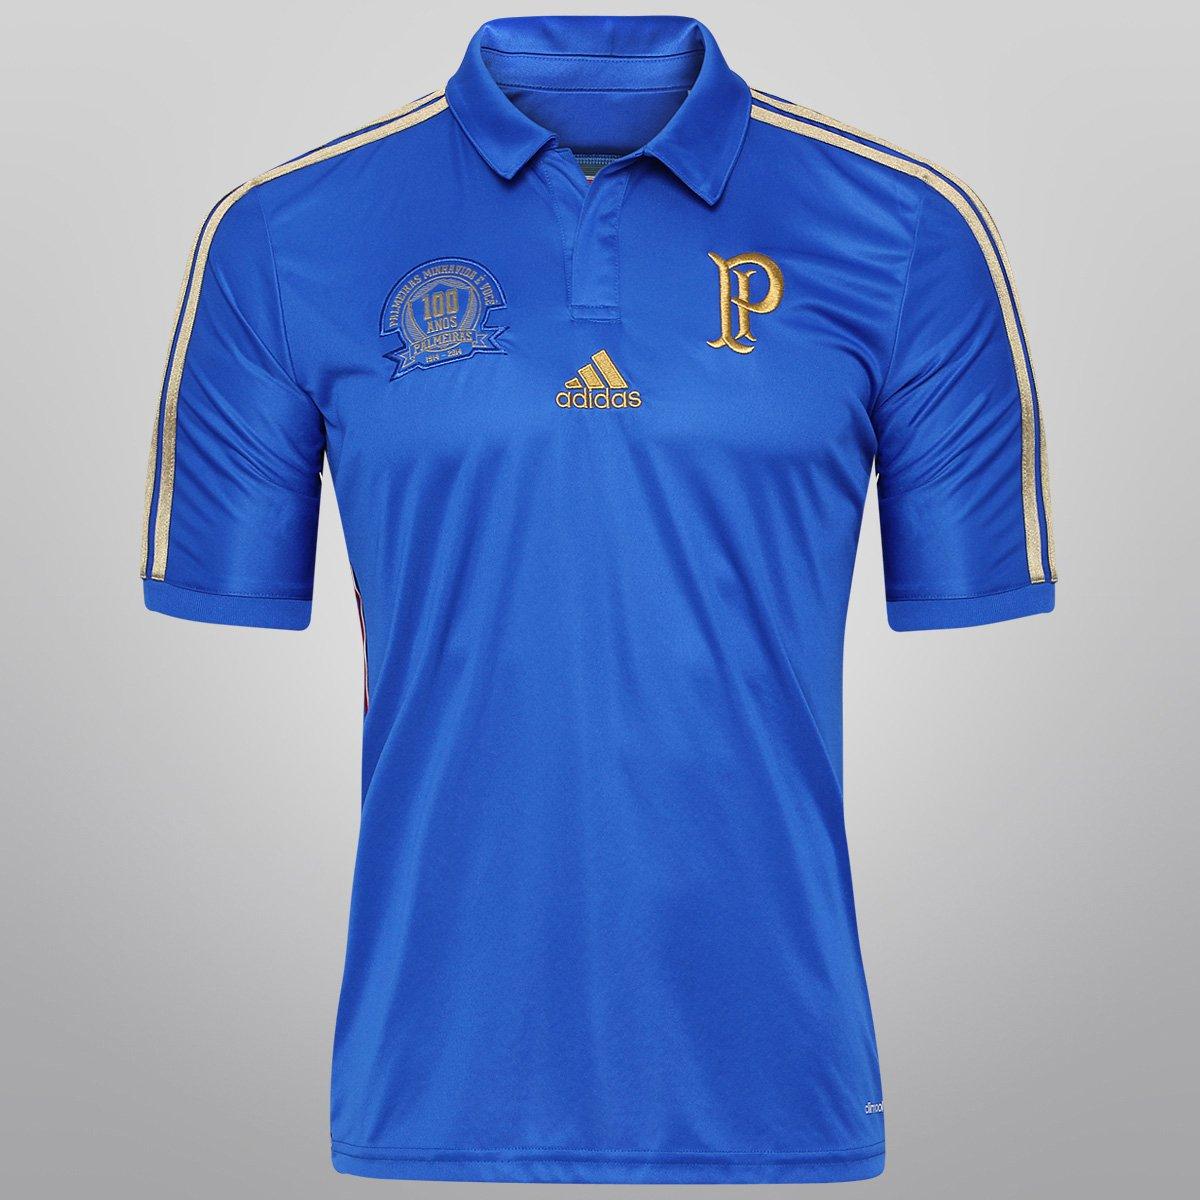 Camisa Adidas Palmeiras 1914-2014 s nº - Centenário - Compre Agora ... 794fff0808037